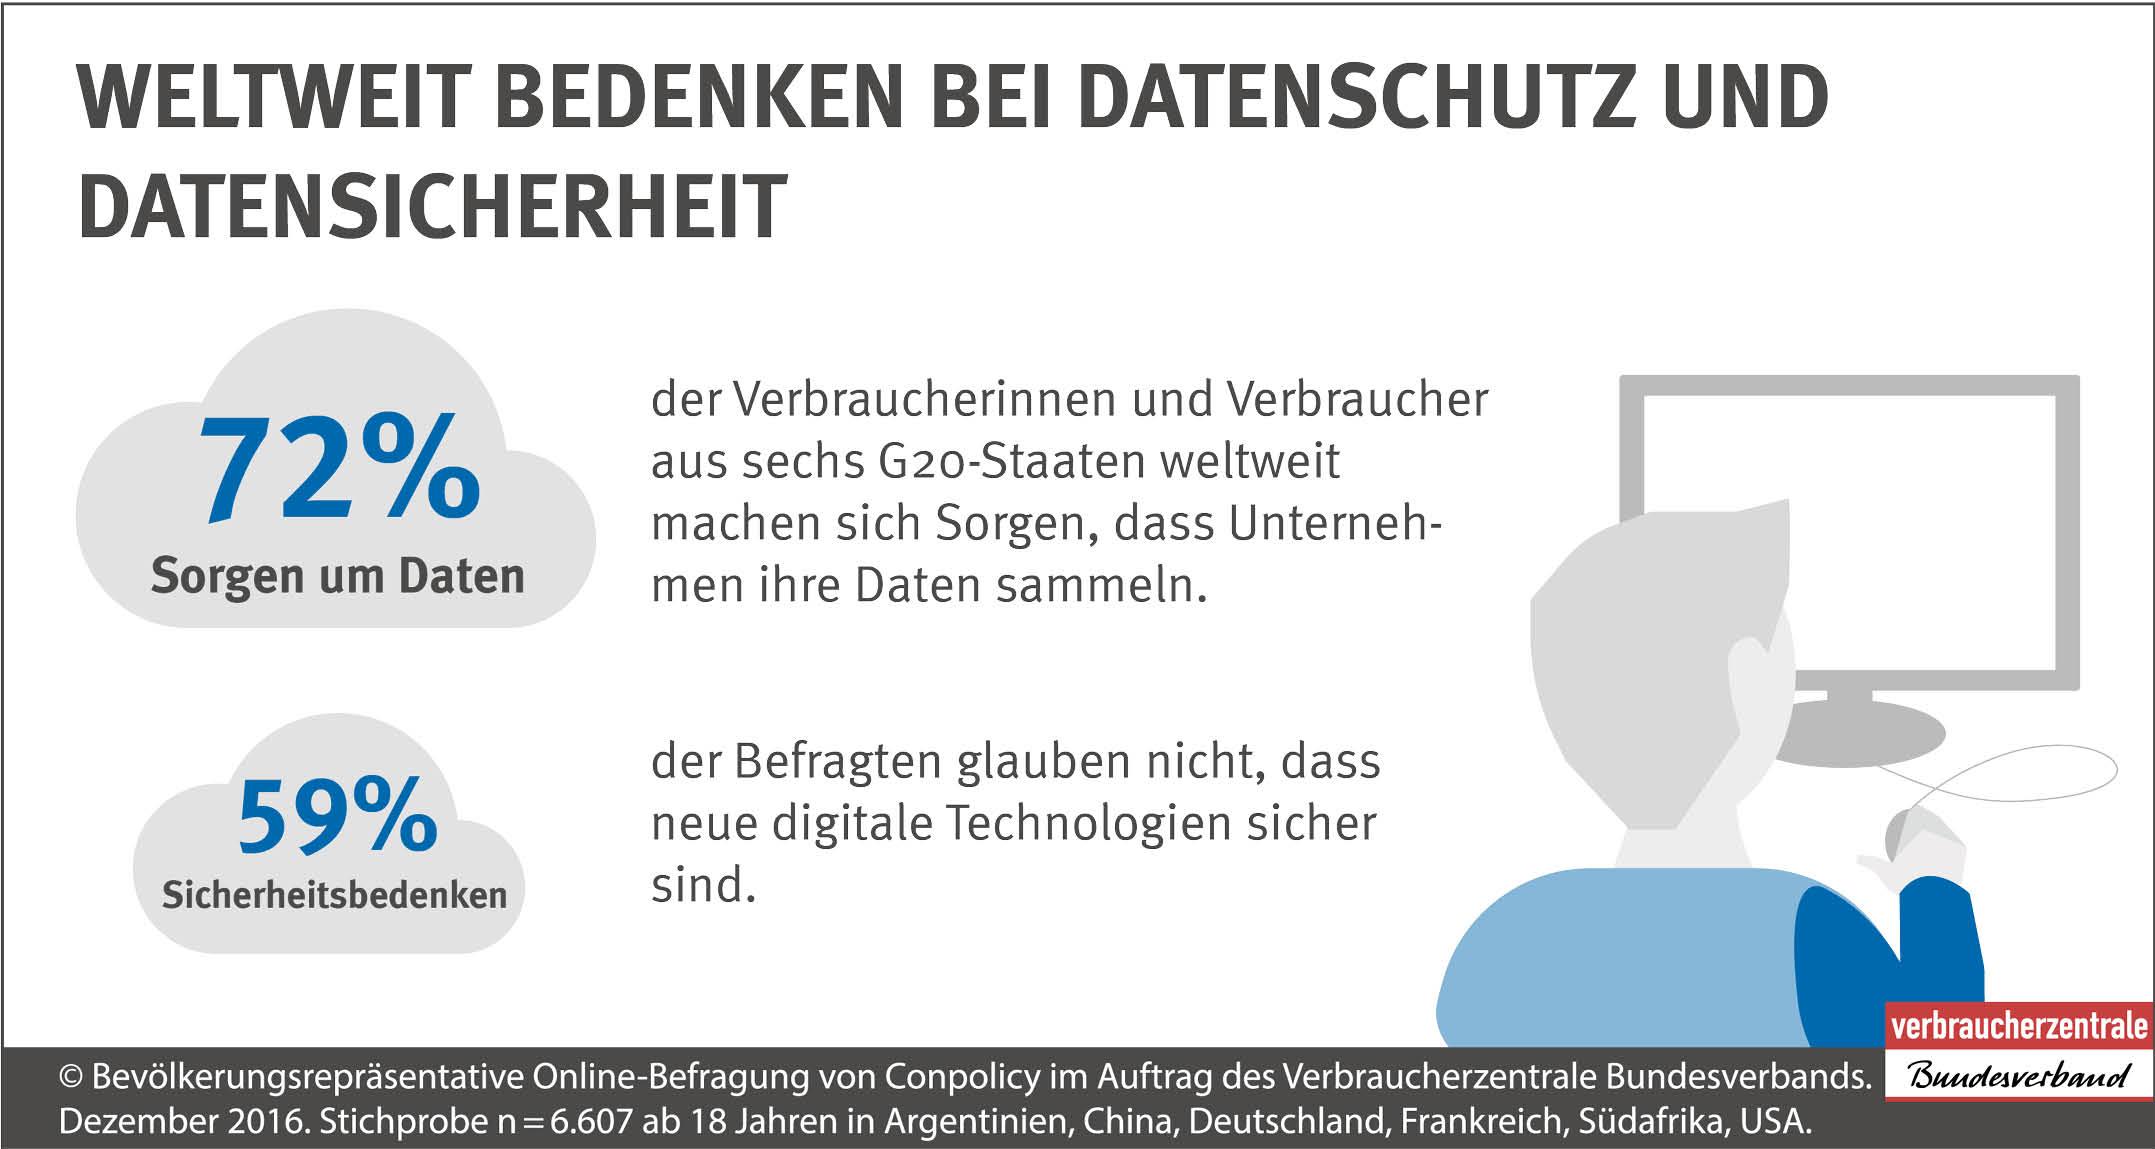 Infografik: Weltweit Bedenken bei Datenschutz und Datensicherheit